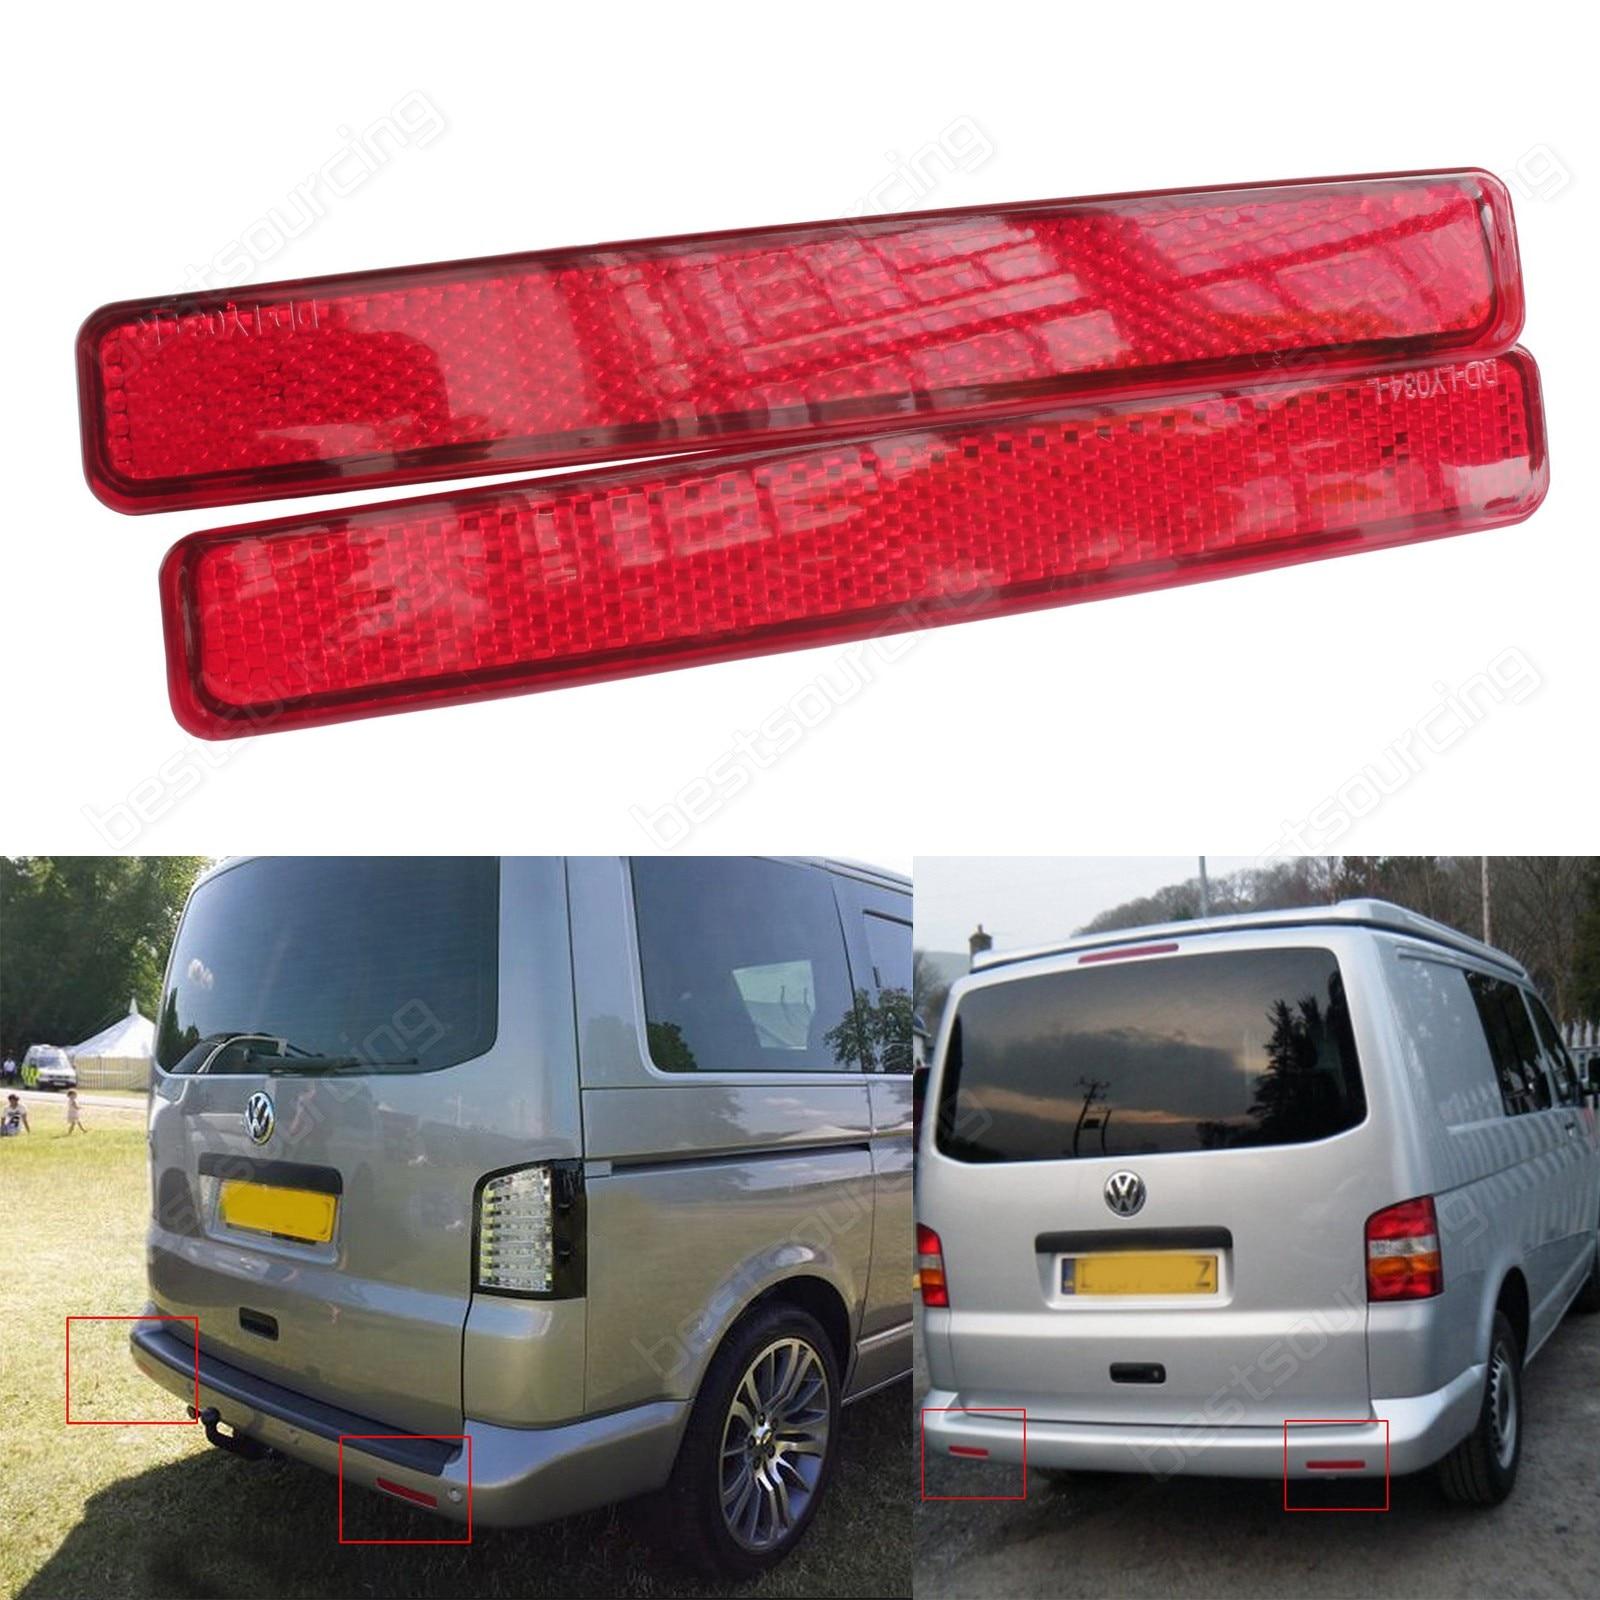 2x Red Lens Rear Bumper Reflector LED Fog Tail Stop Brake Light For 2003-11 Transporter T5 Caravelle Multivan